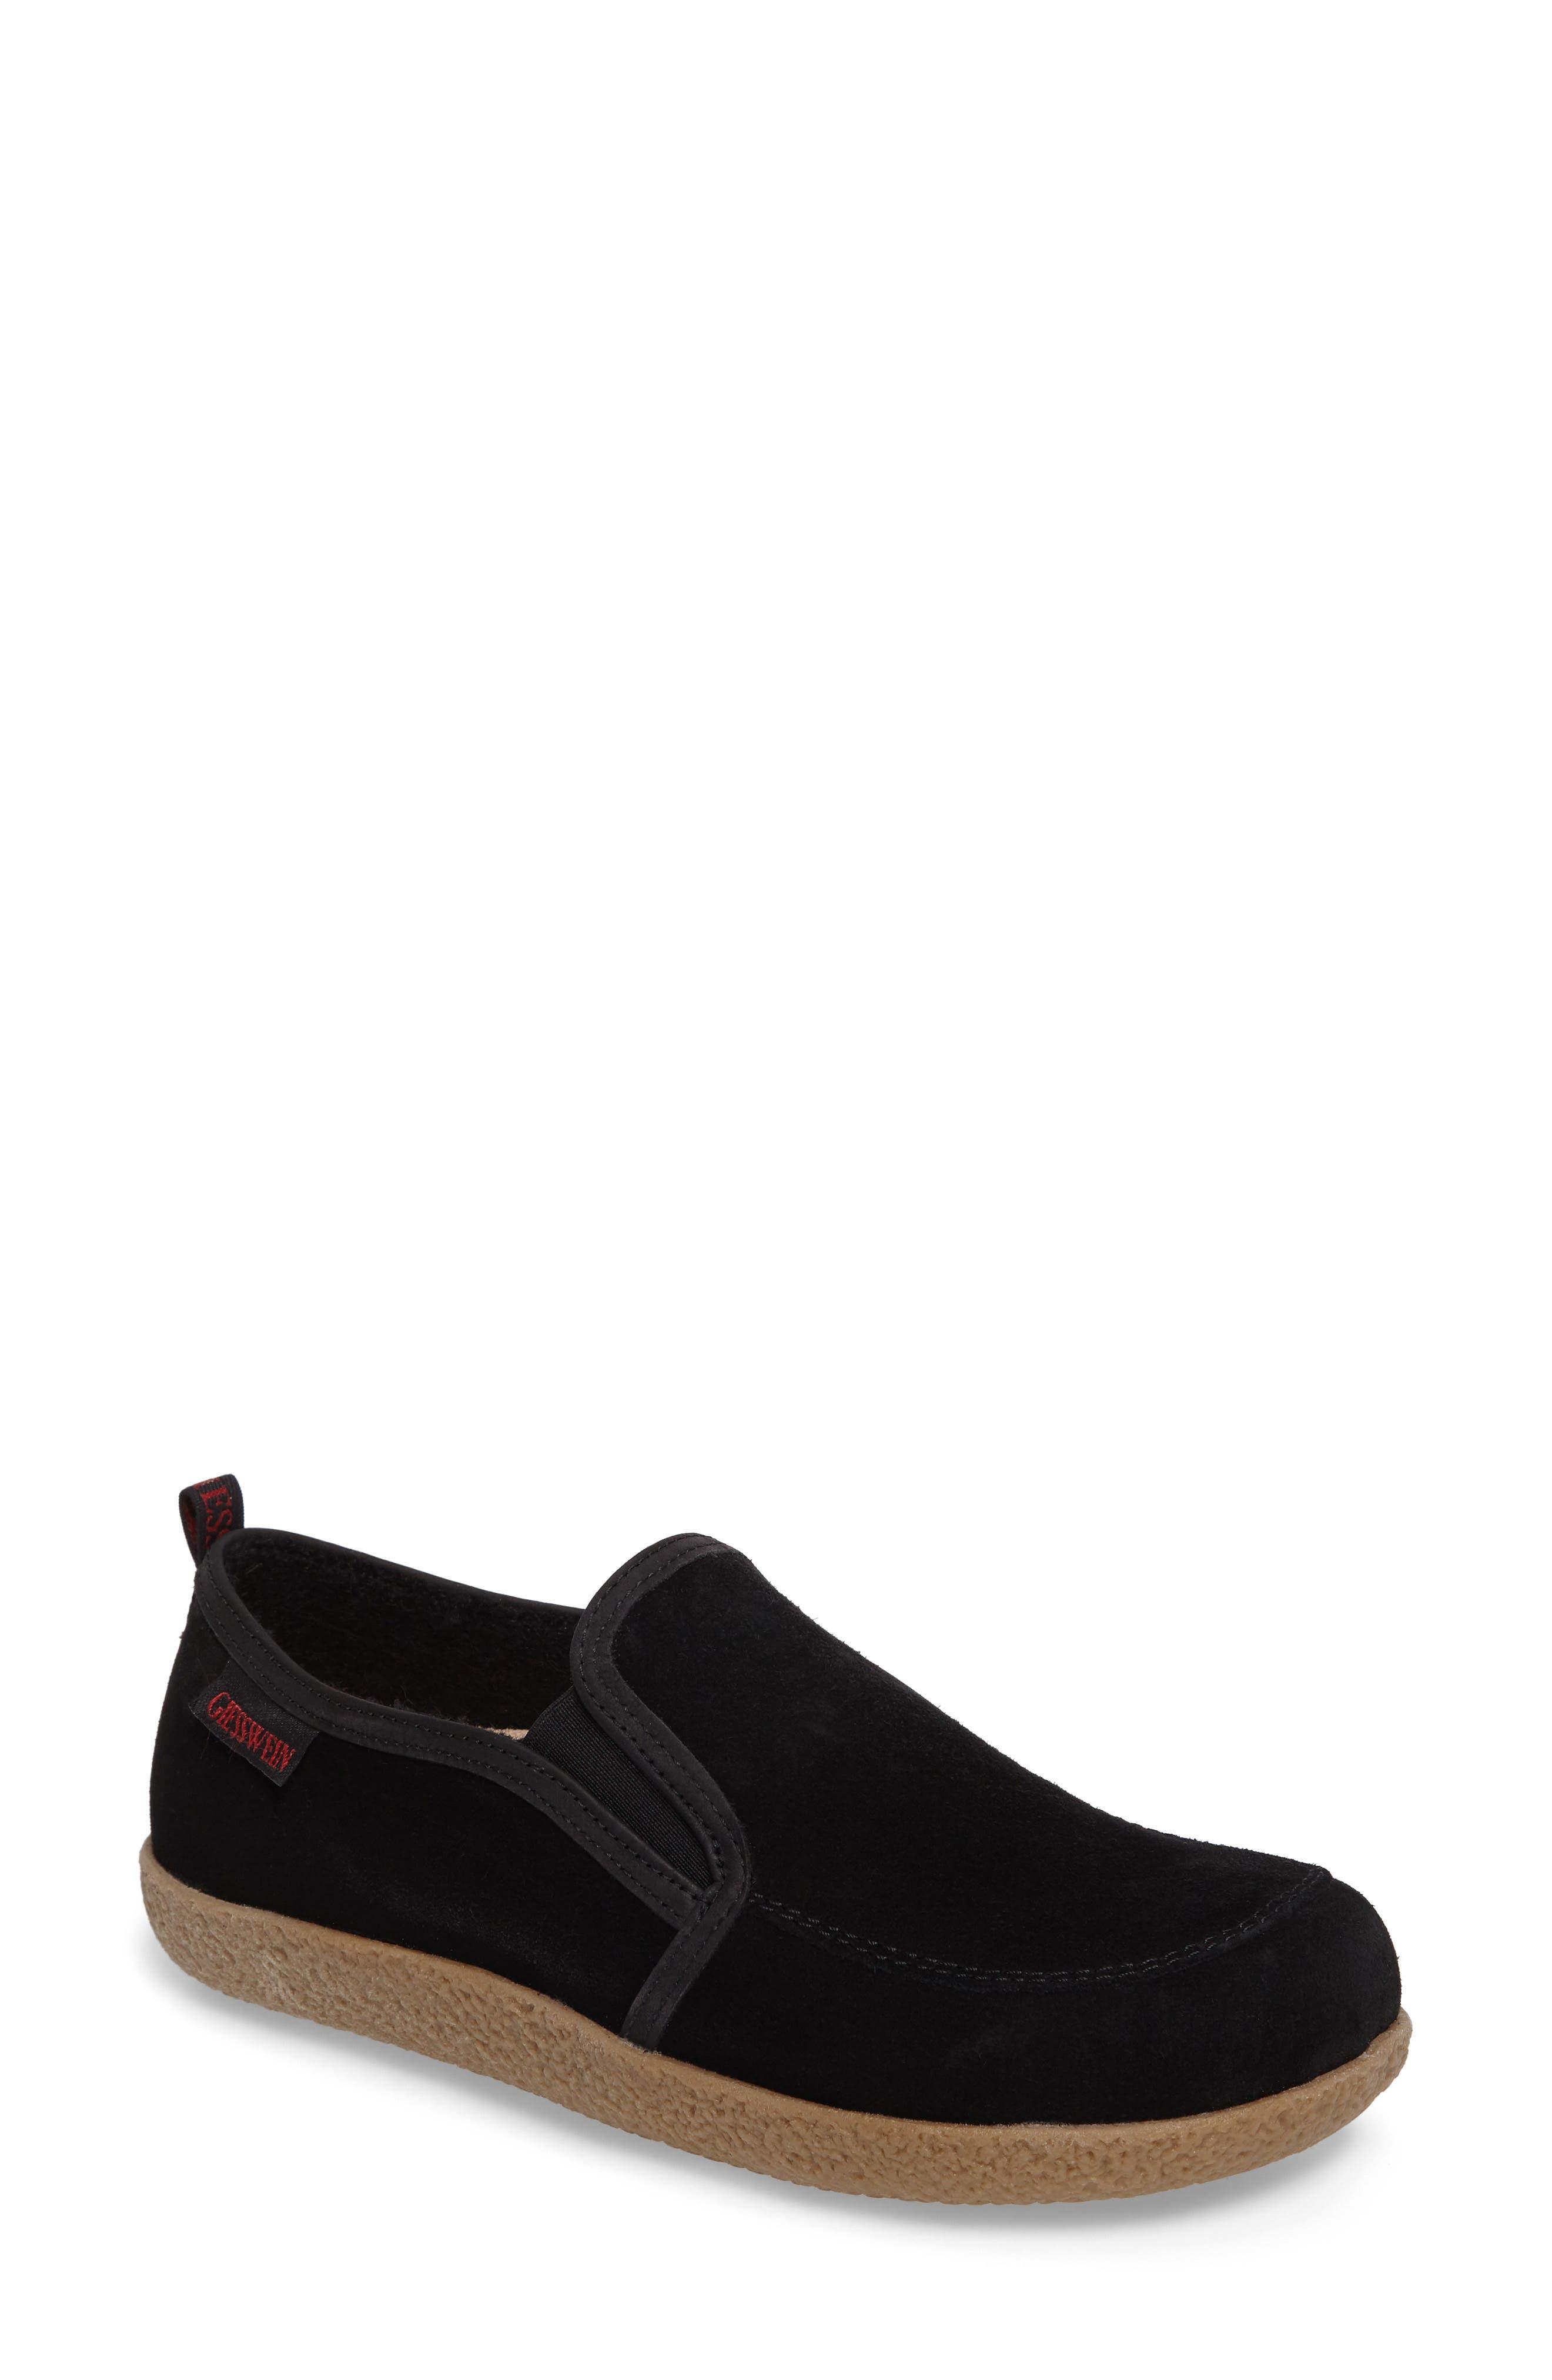 Alpen Loafer,                         Main,                         color, BLACK WOOL